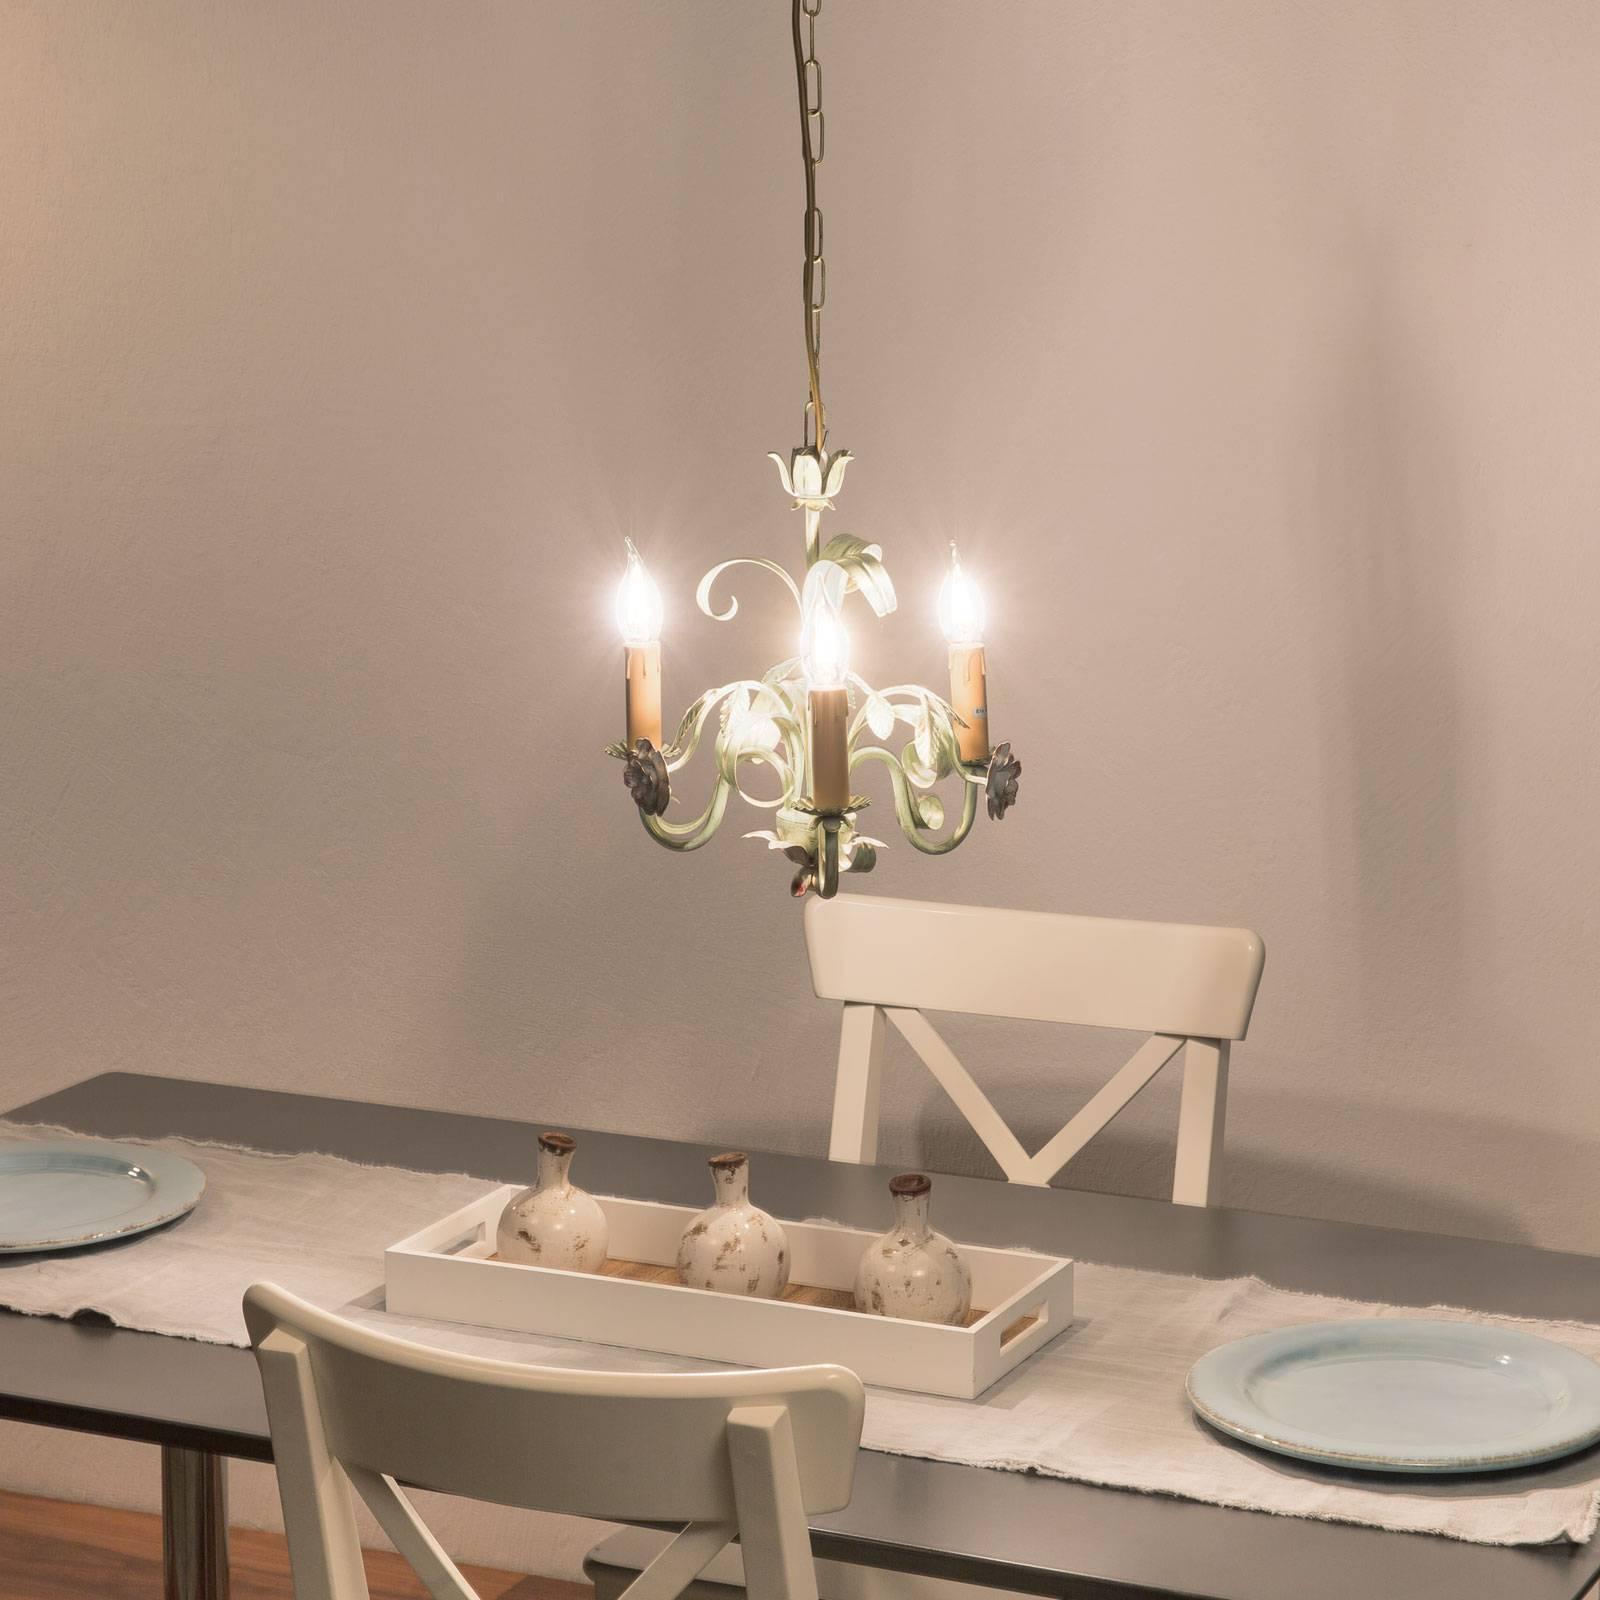 Kattokruunu Tulipe firenzeläistyyliä, 3-lamppuinen